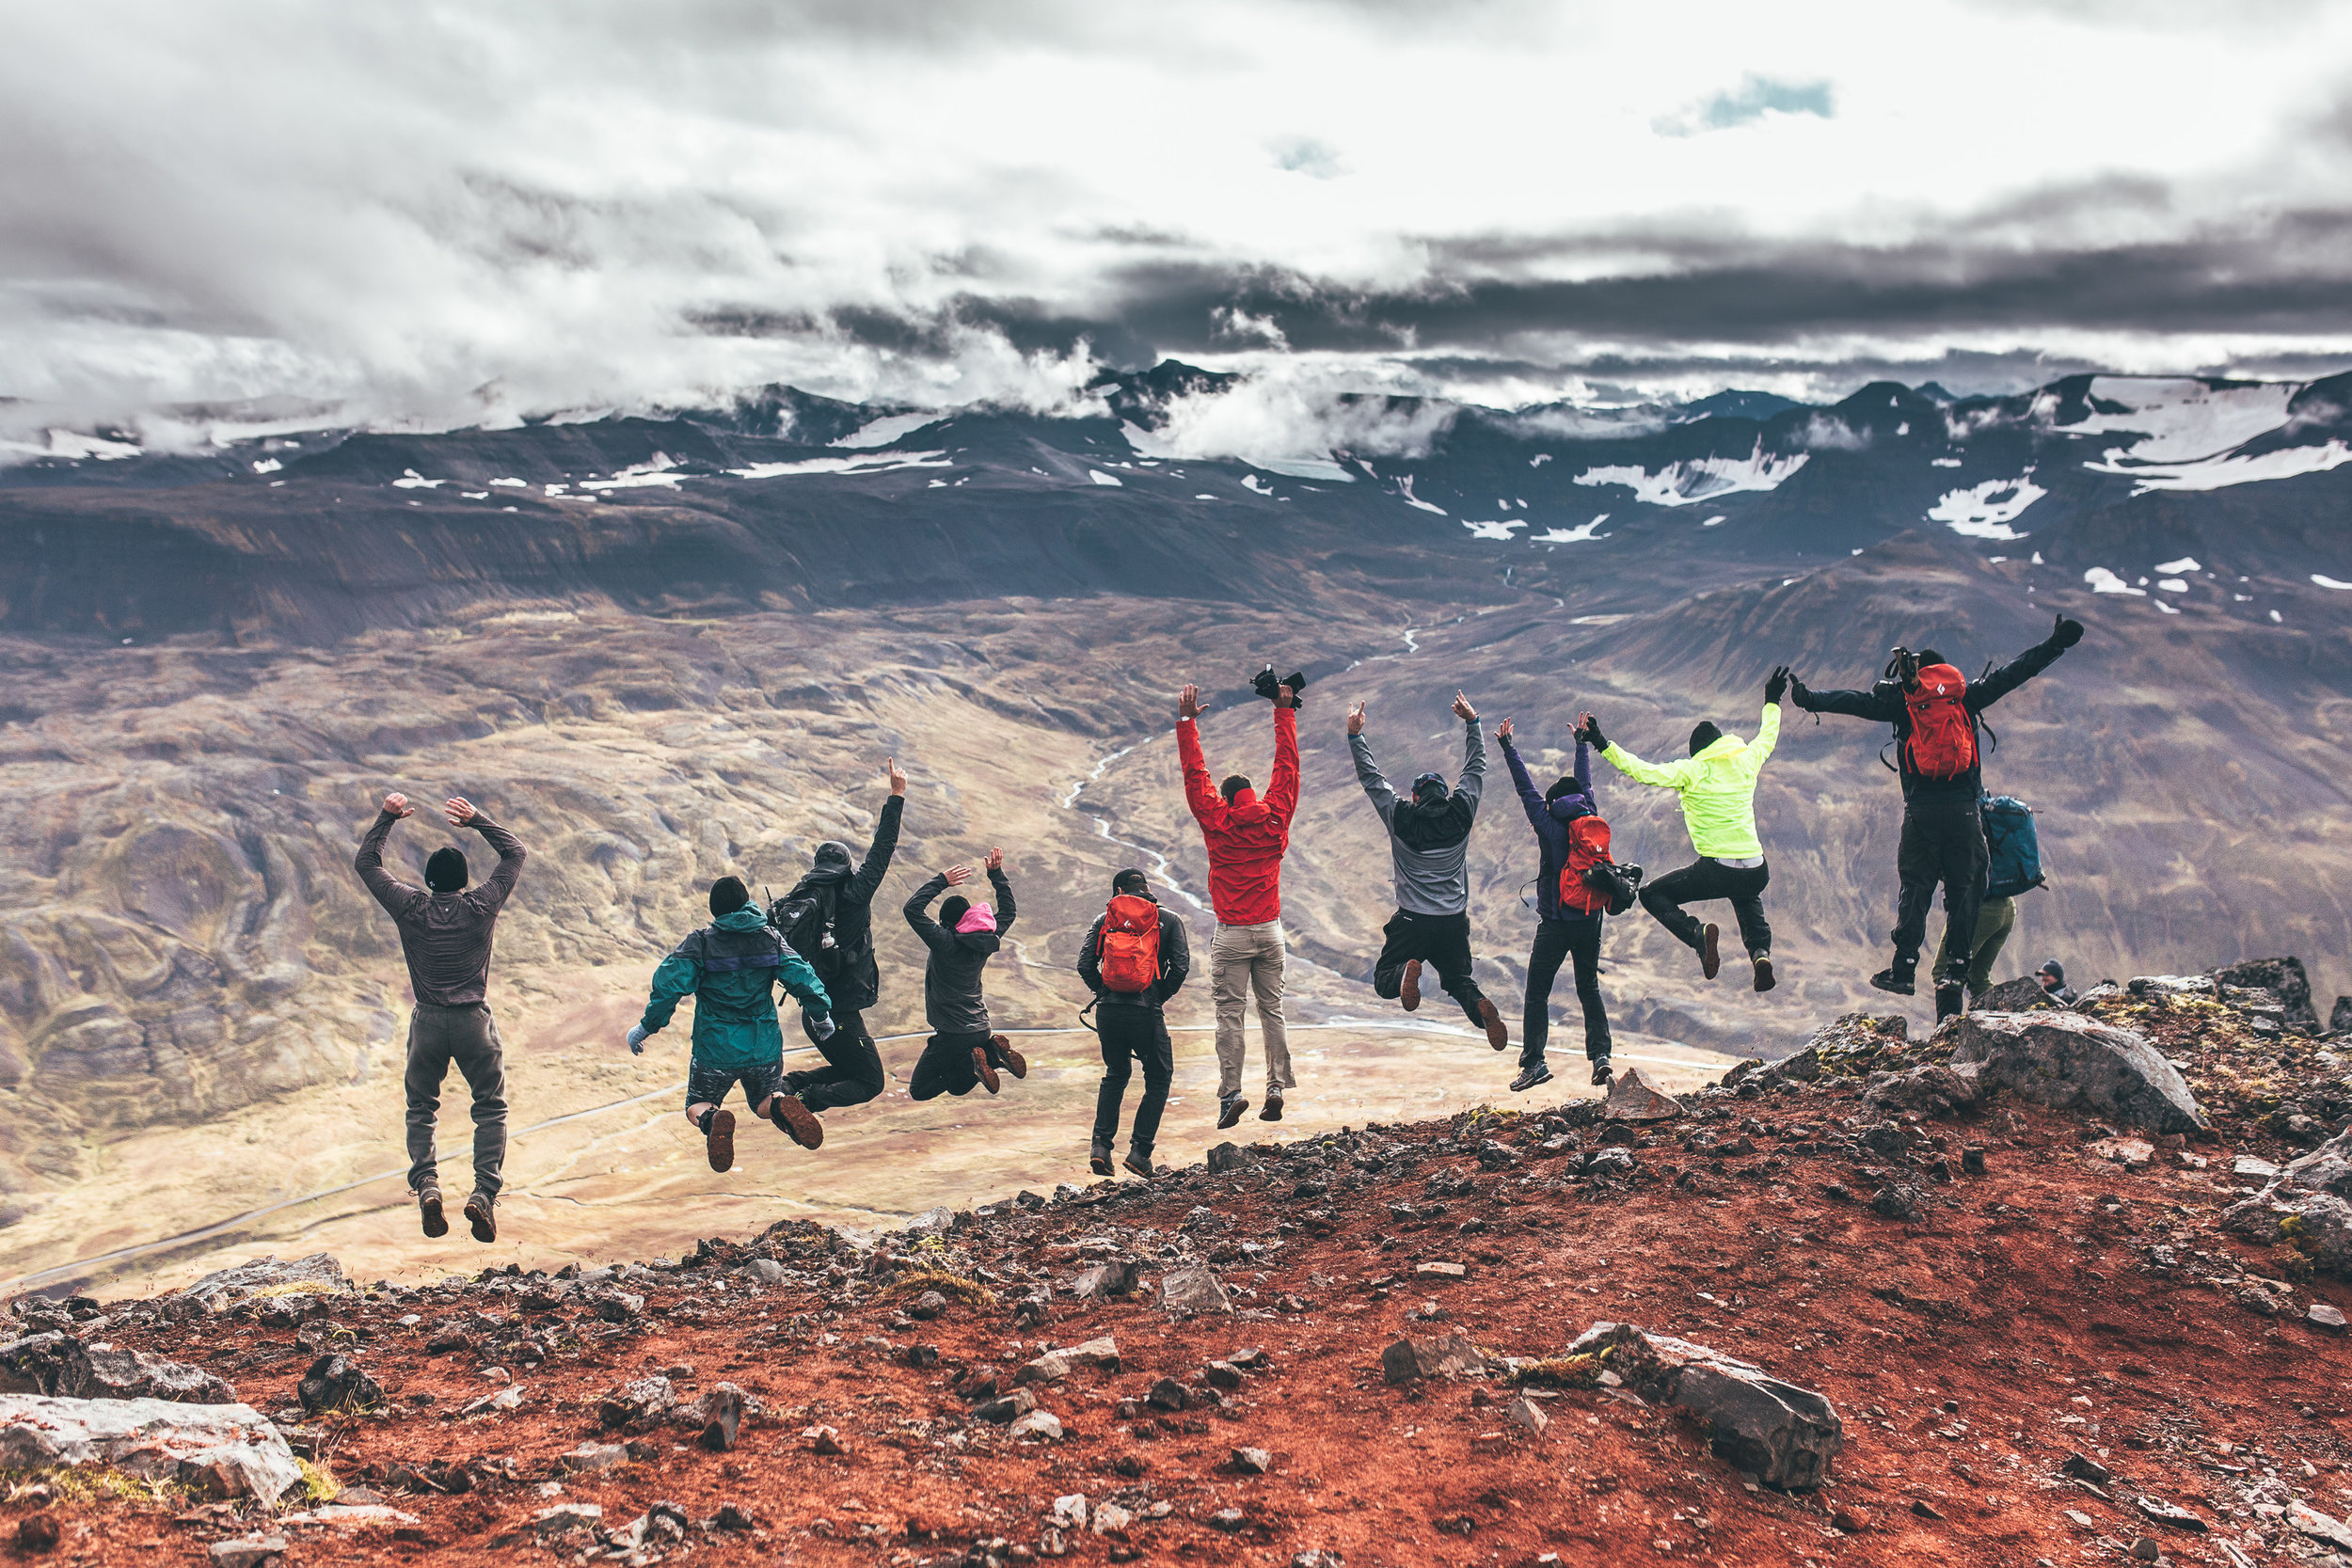 Chosen_Iceland2017_hikeandworkout-27.jpg